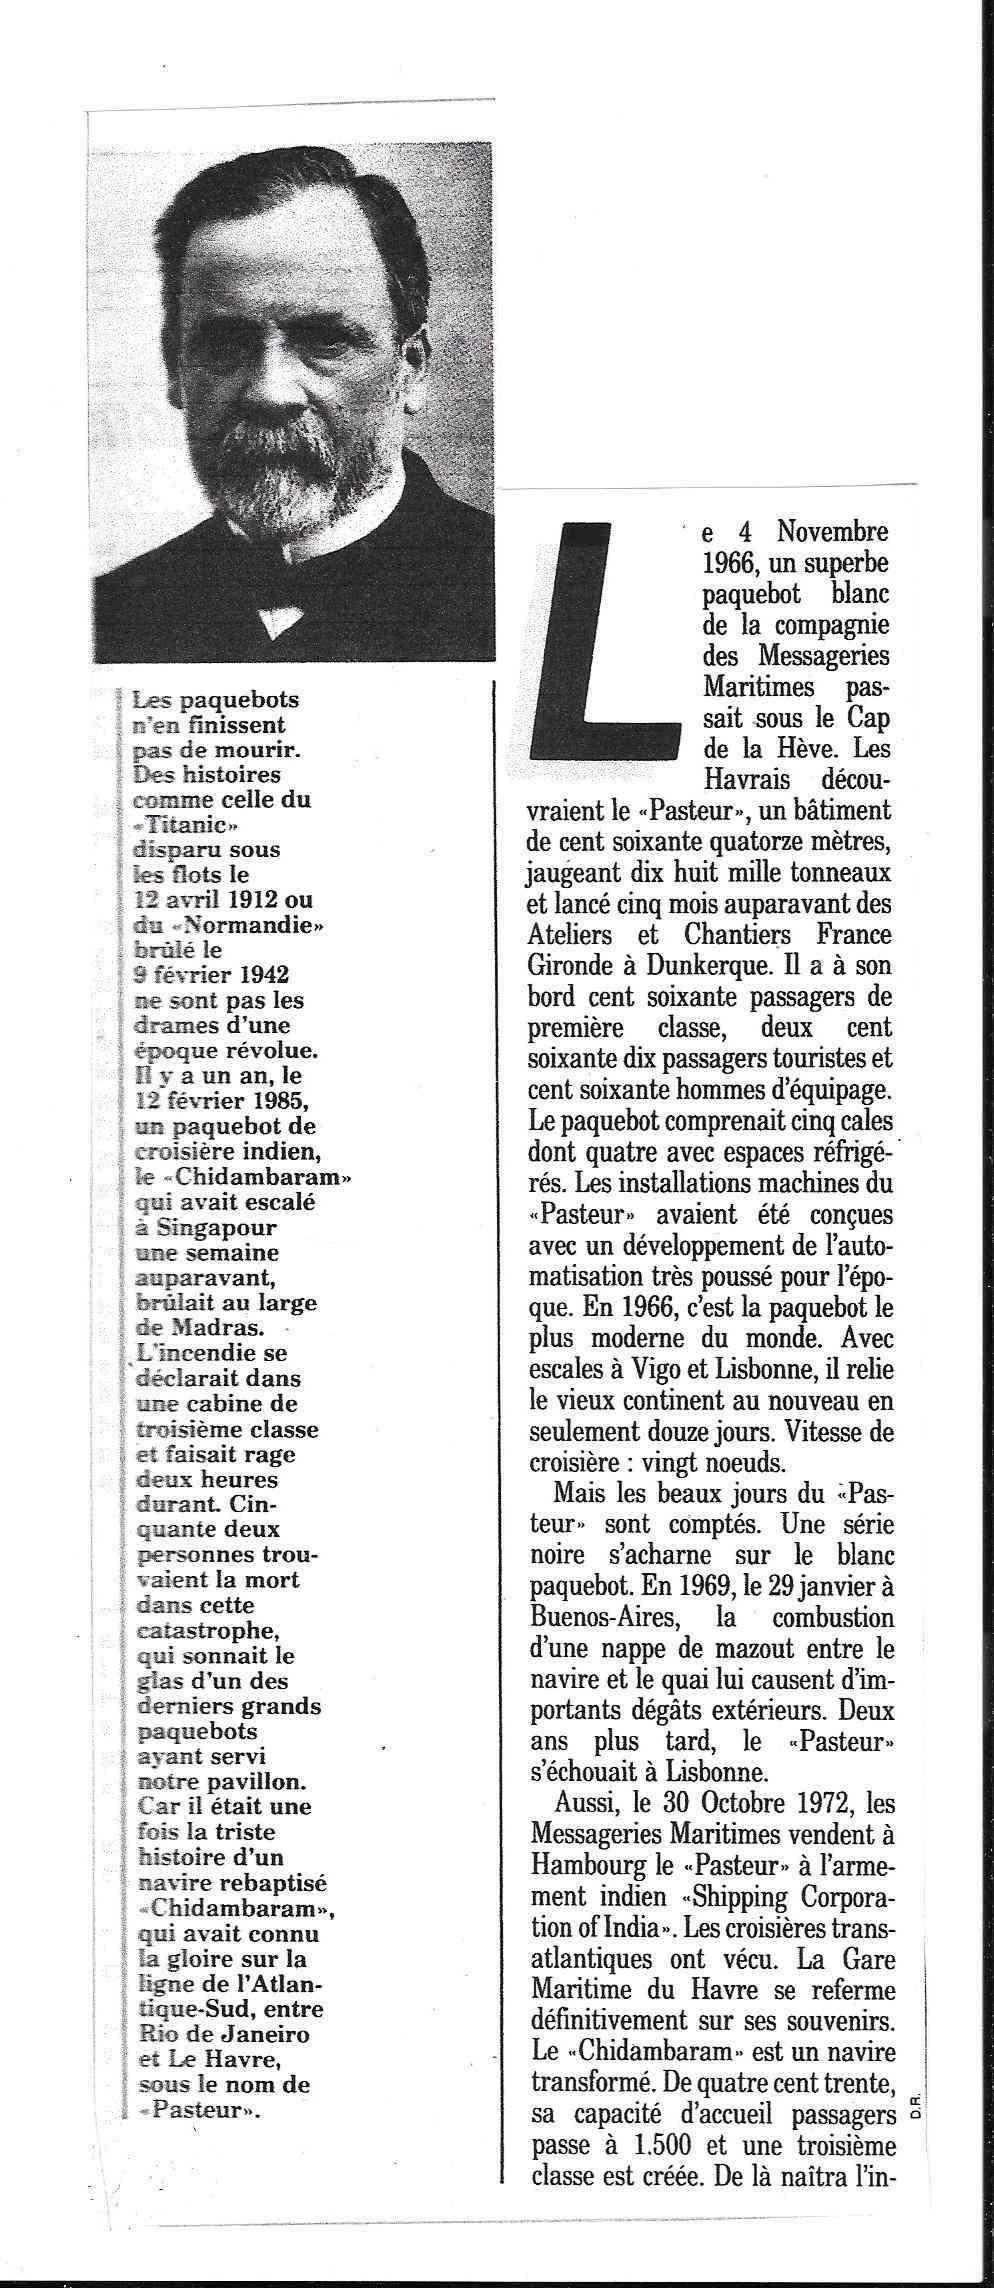 Histoire de Bâteaux - Le Pasteur 217